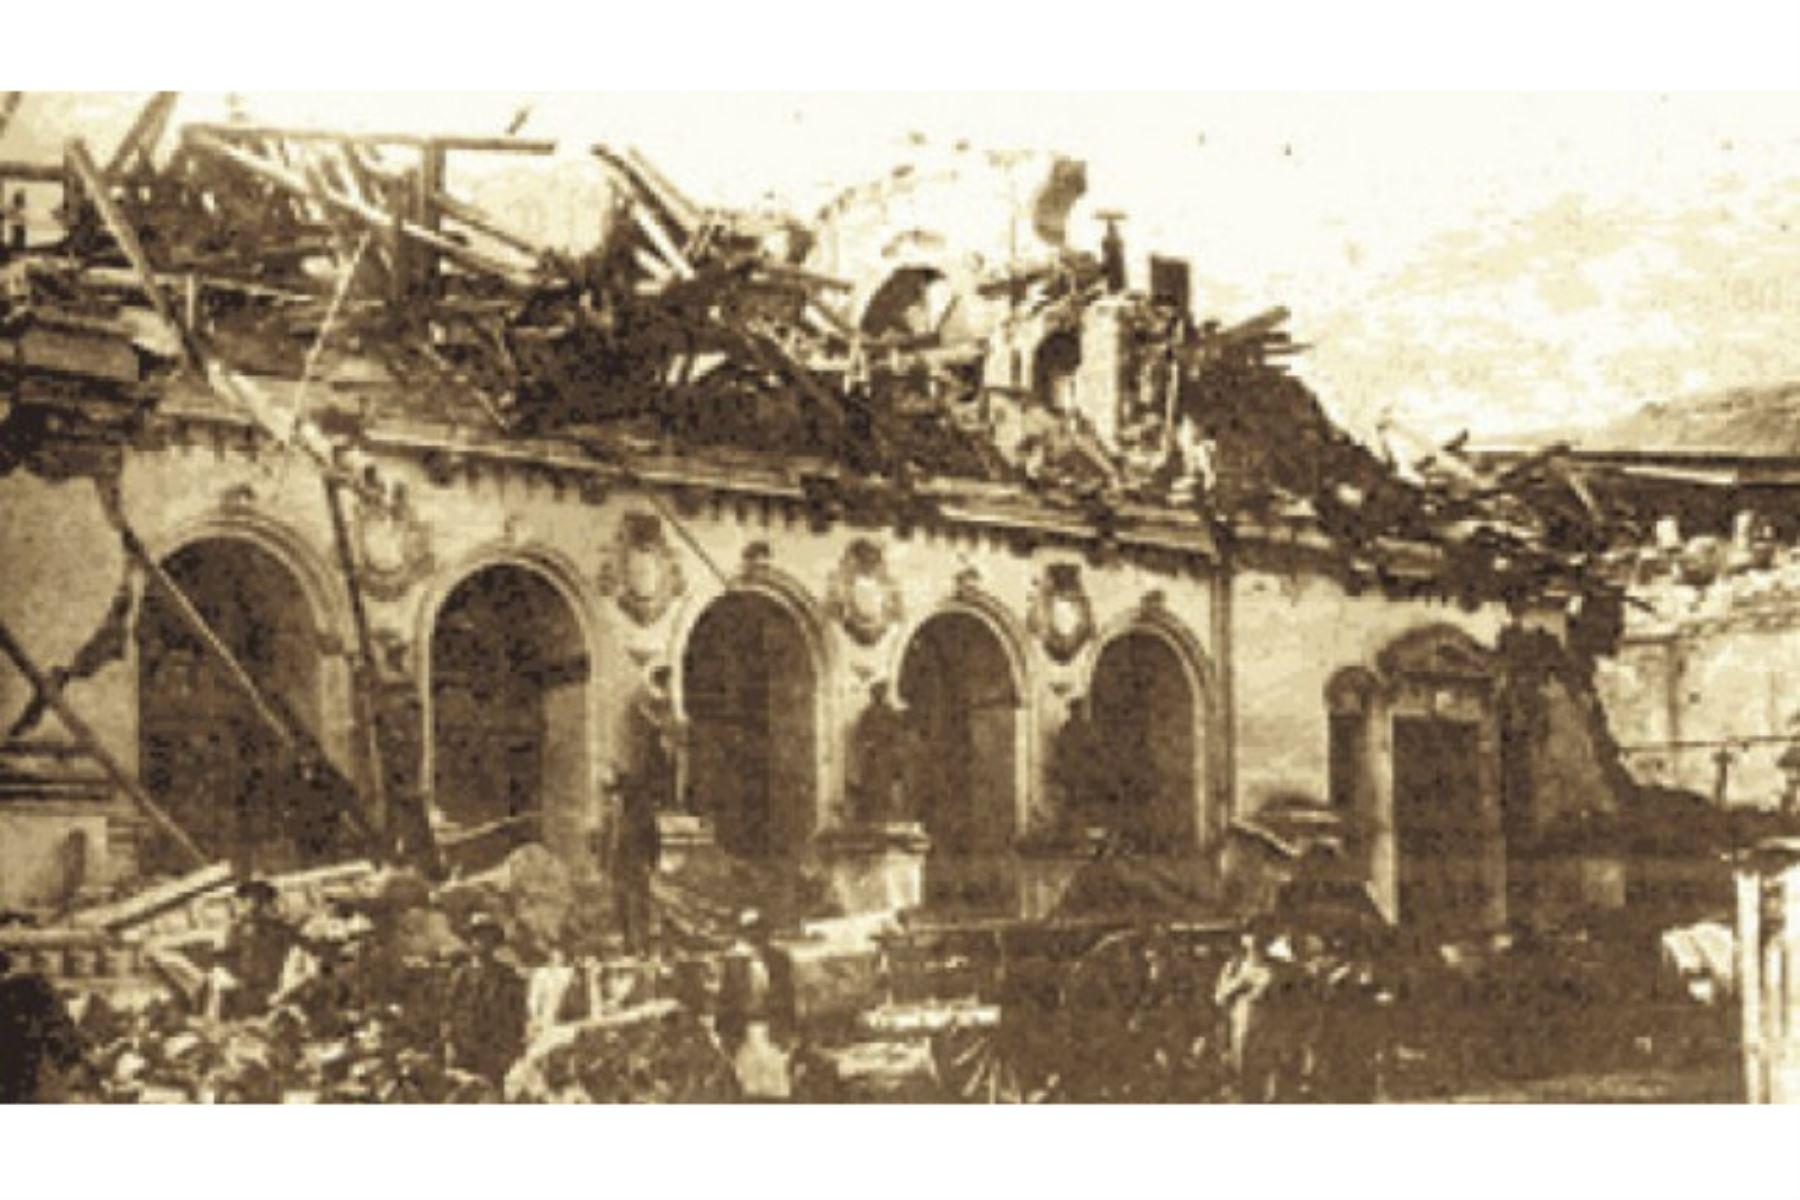 El 28 de octubre de 1746 un terremoto azotó Lima y Callao; 274 años después, el Perú no cuenta con una sólida cultura de prevención para hacerle frente a estos peligros naturales. Foto: ANDINA/Difusión